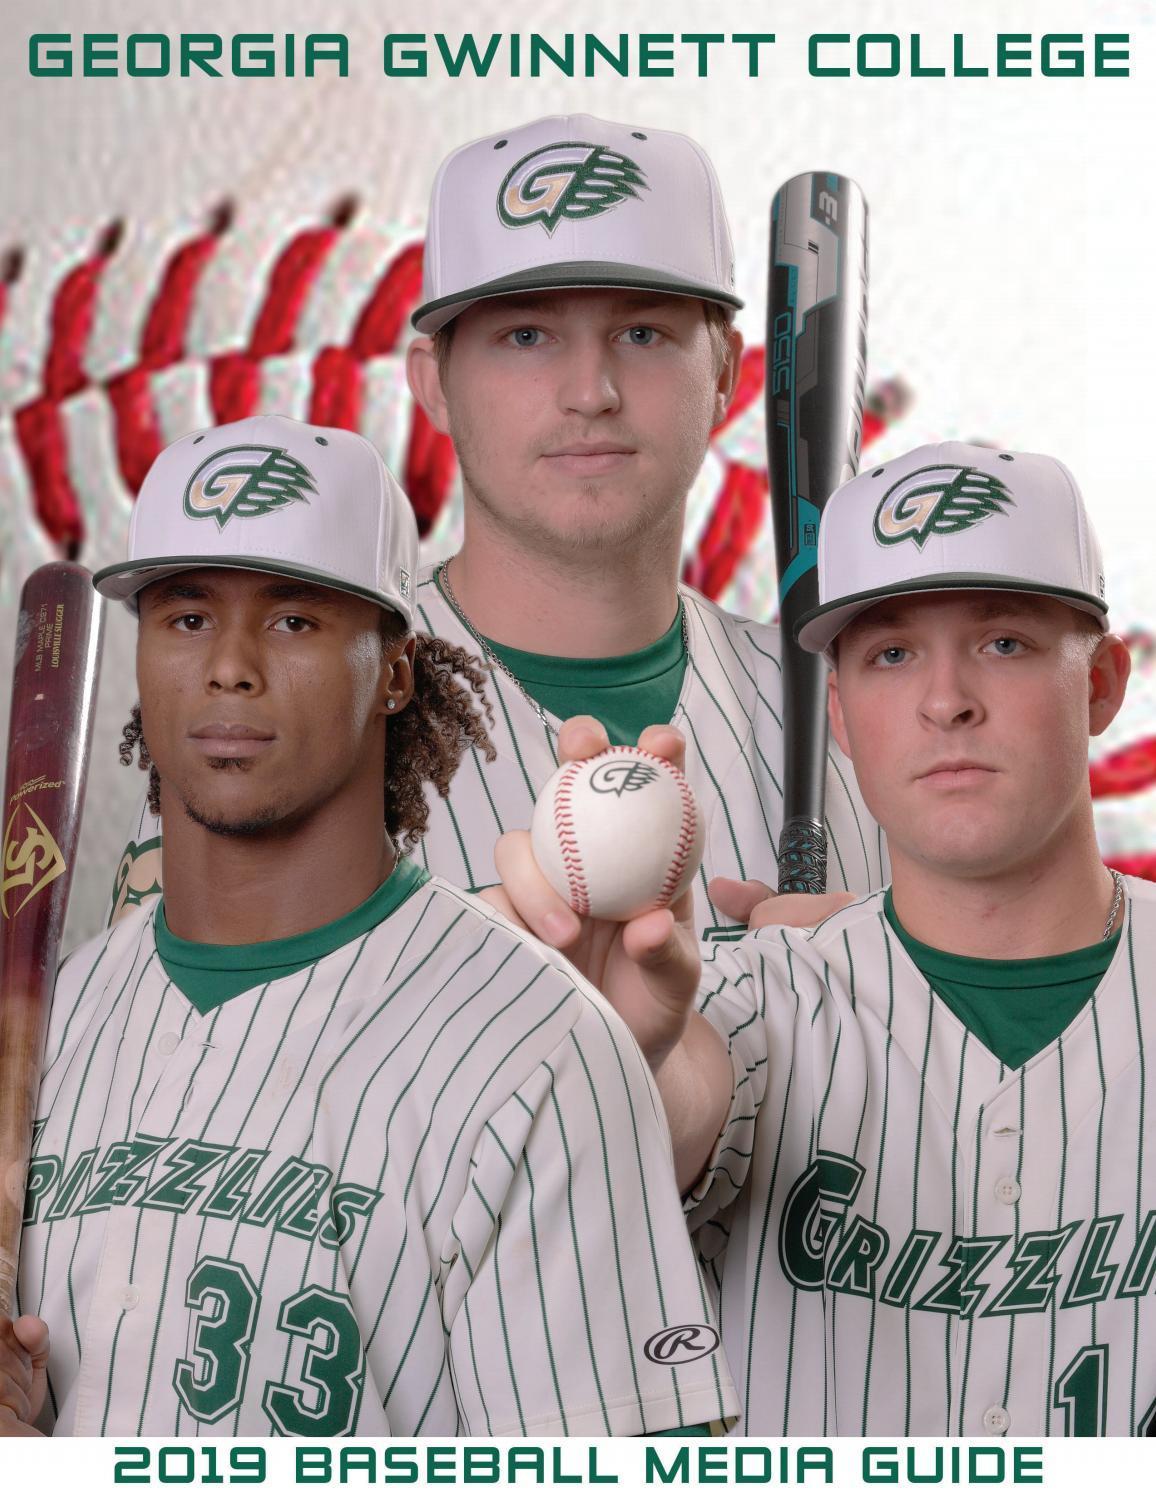 dd9b2582784 2019 Georgia Gwinnett College Baseball Media Guide by Grizzly Athletics -  issuu